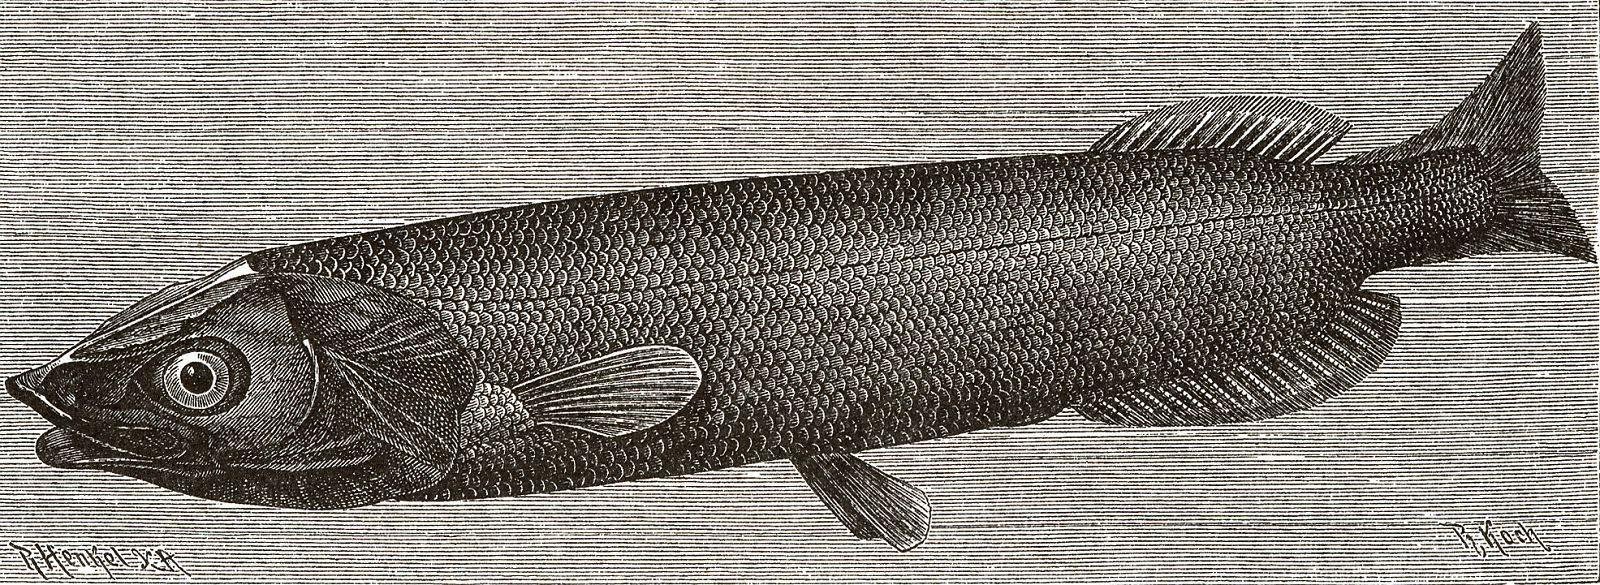 Черный плешан, или гладкоголов (Alepocephalus niger)